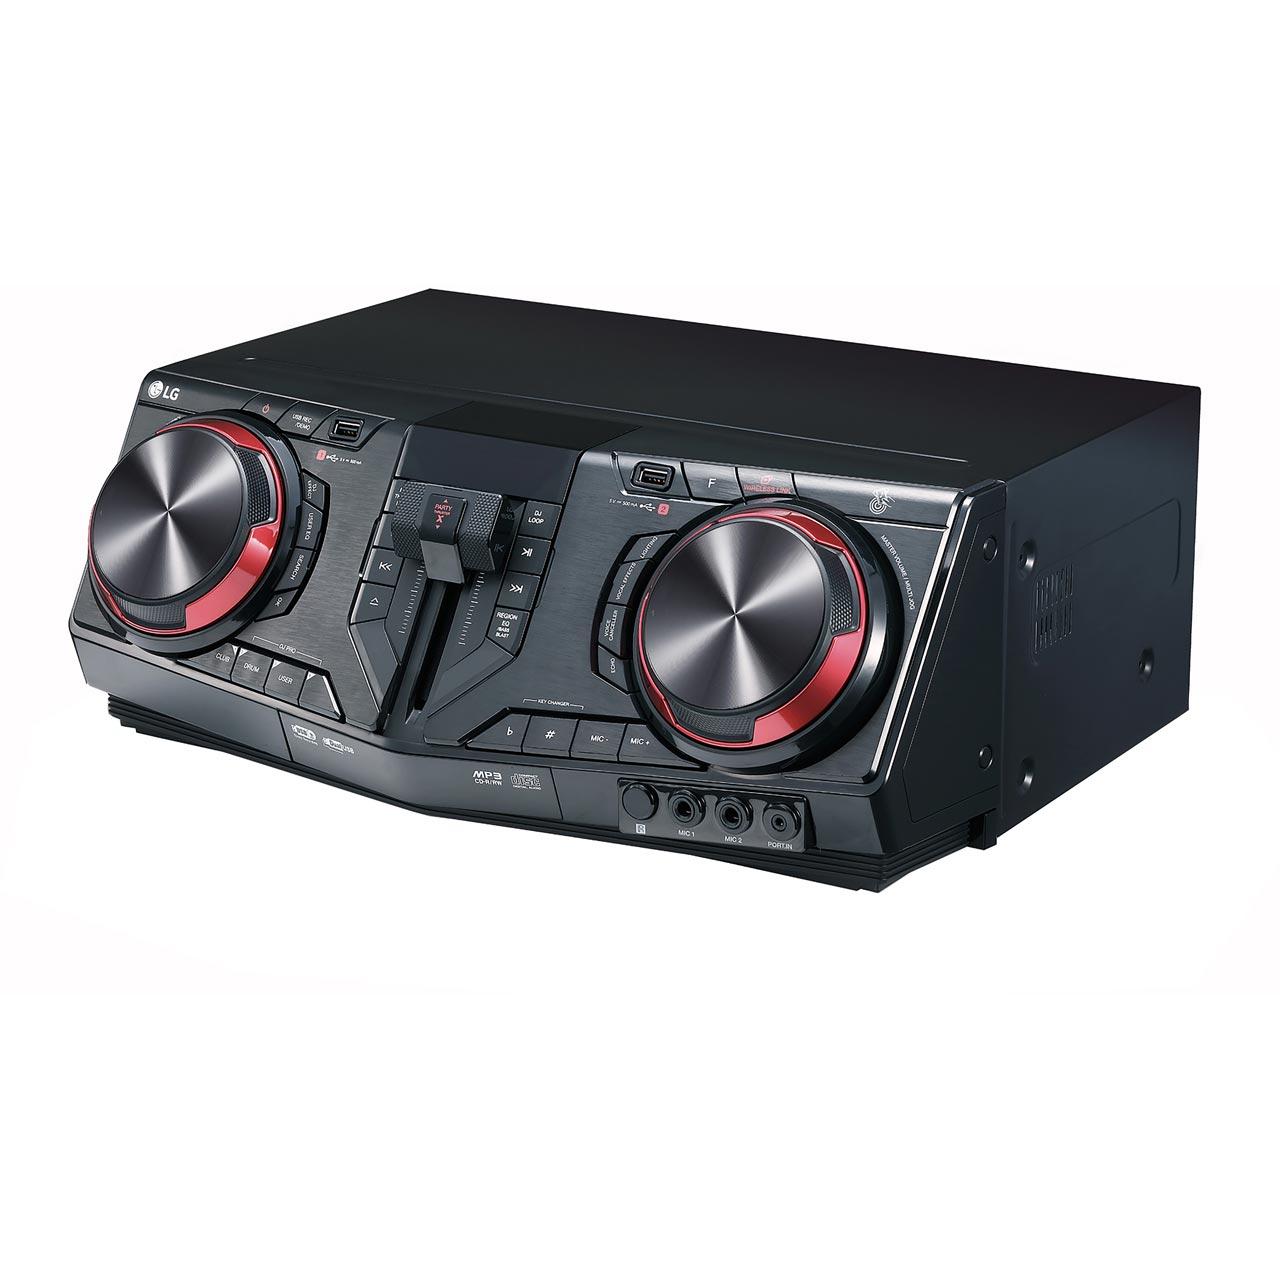 Nunudes Co Uk Fi: LG CJ88 2900 Watt High Power Hi-Fi System Bluetooth Hi-Fi